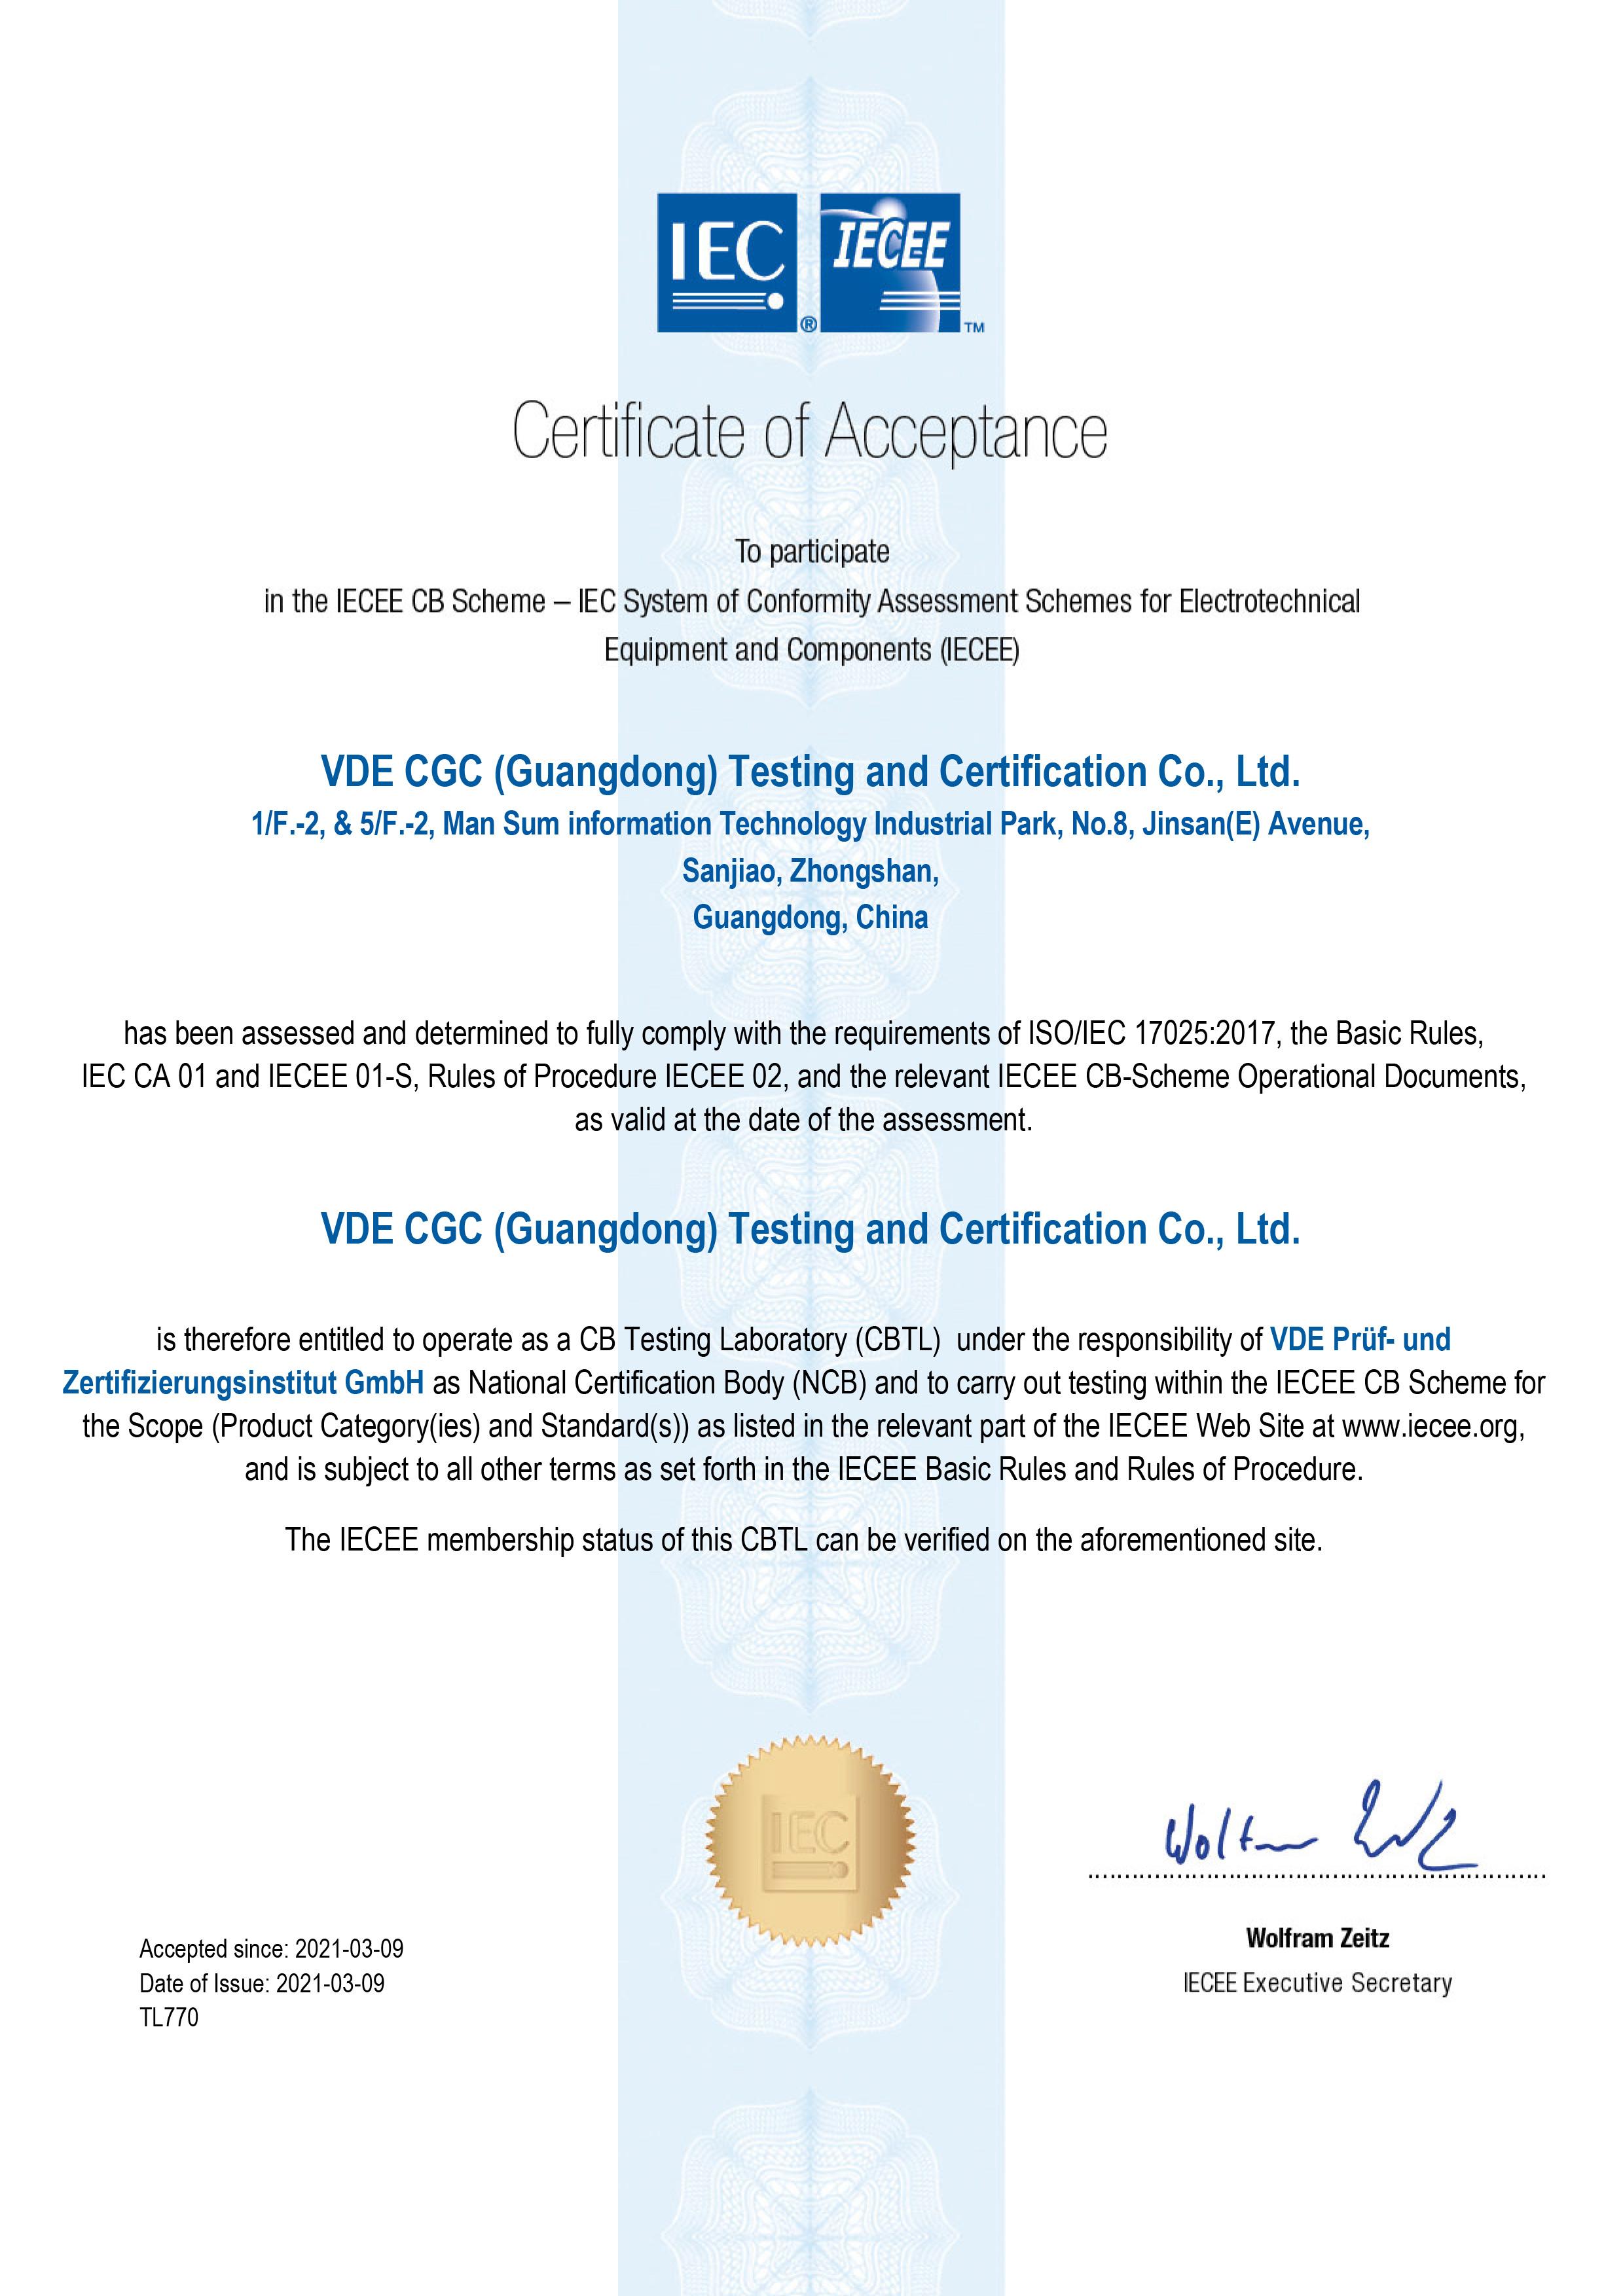 热烈祝贺鉴衡巍德谊中山实验室成为VDE - CBTL!